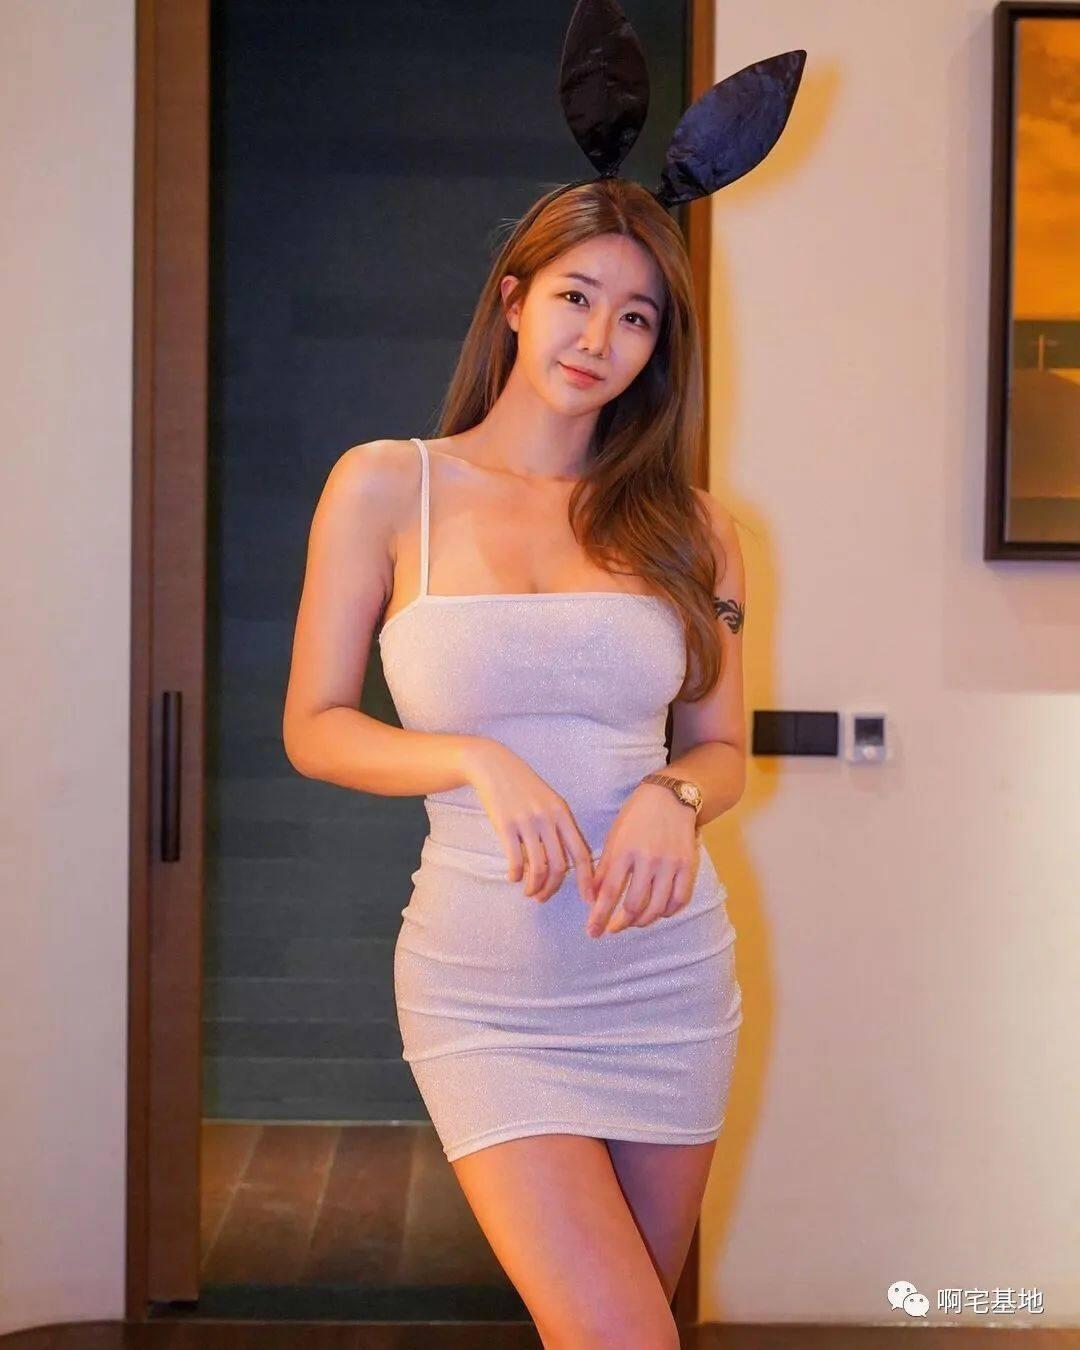 [微博福利]175cm的韩国大凶妹子9